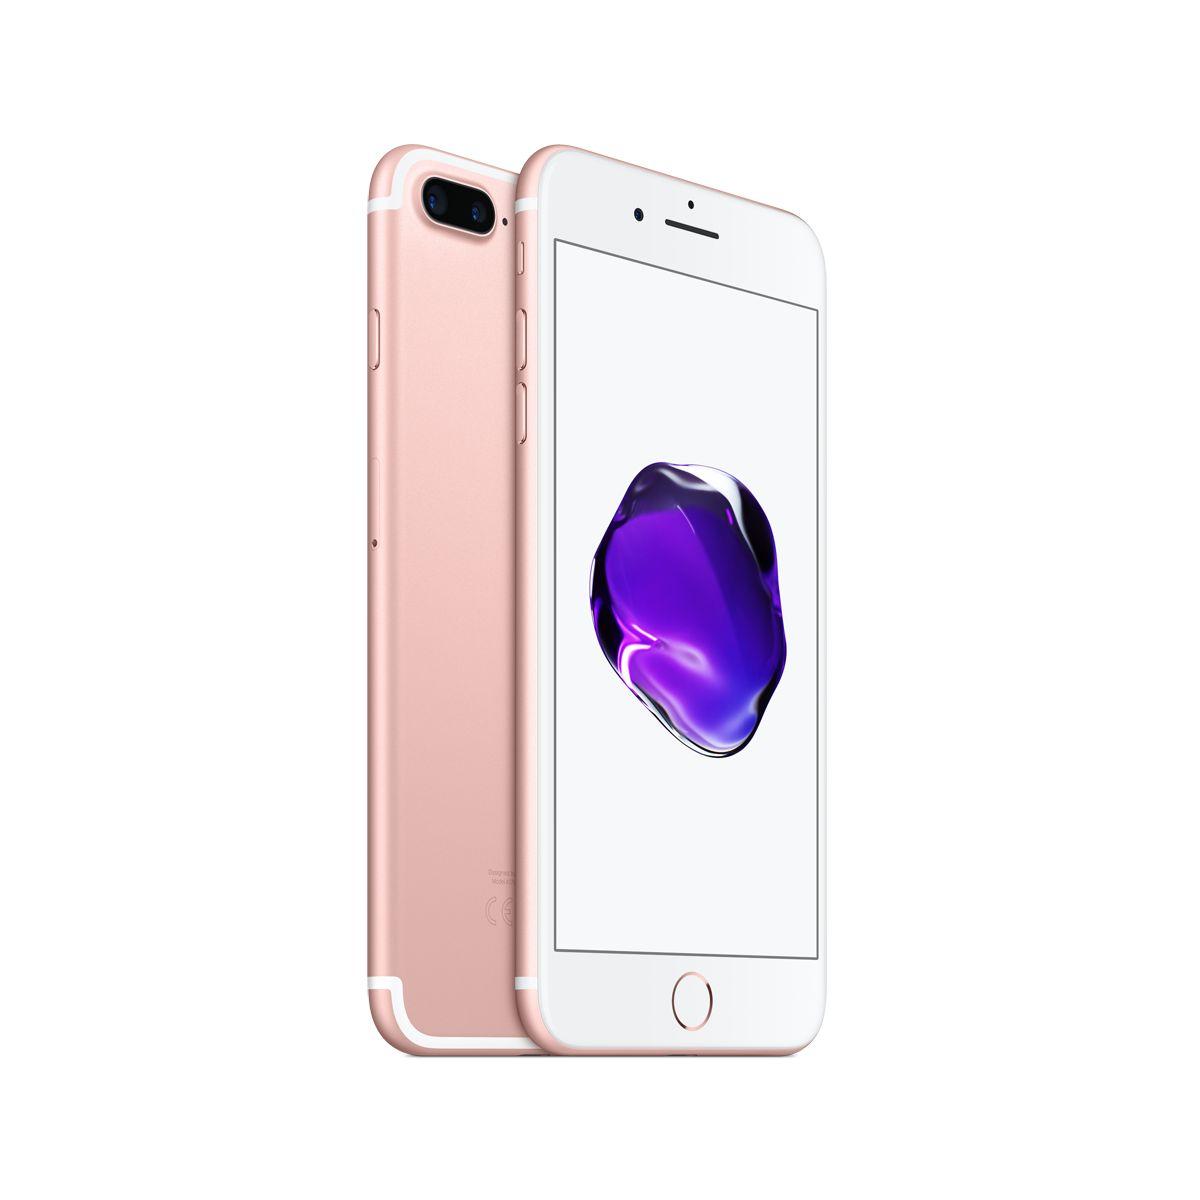 APPLE iPhone 7 Plus 128Go Or rose (photo)